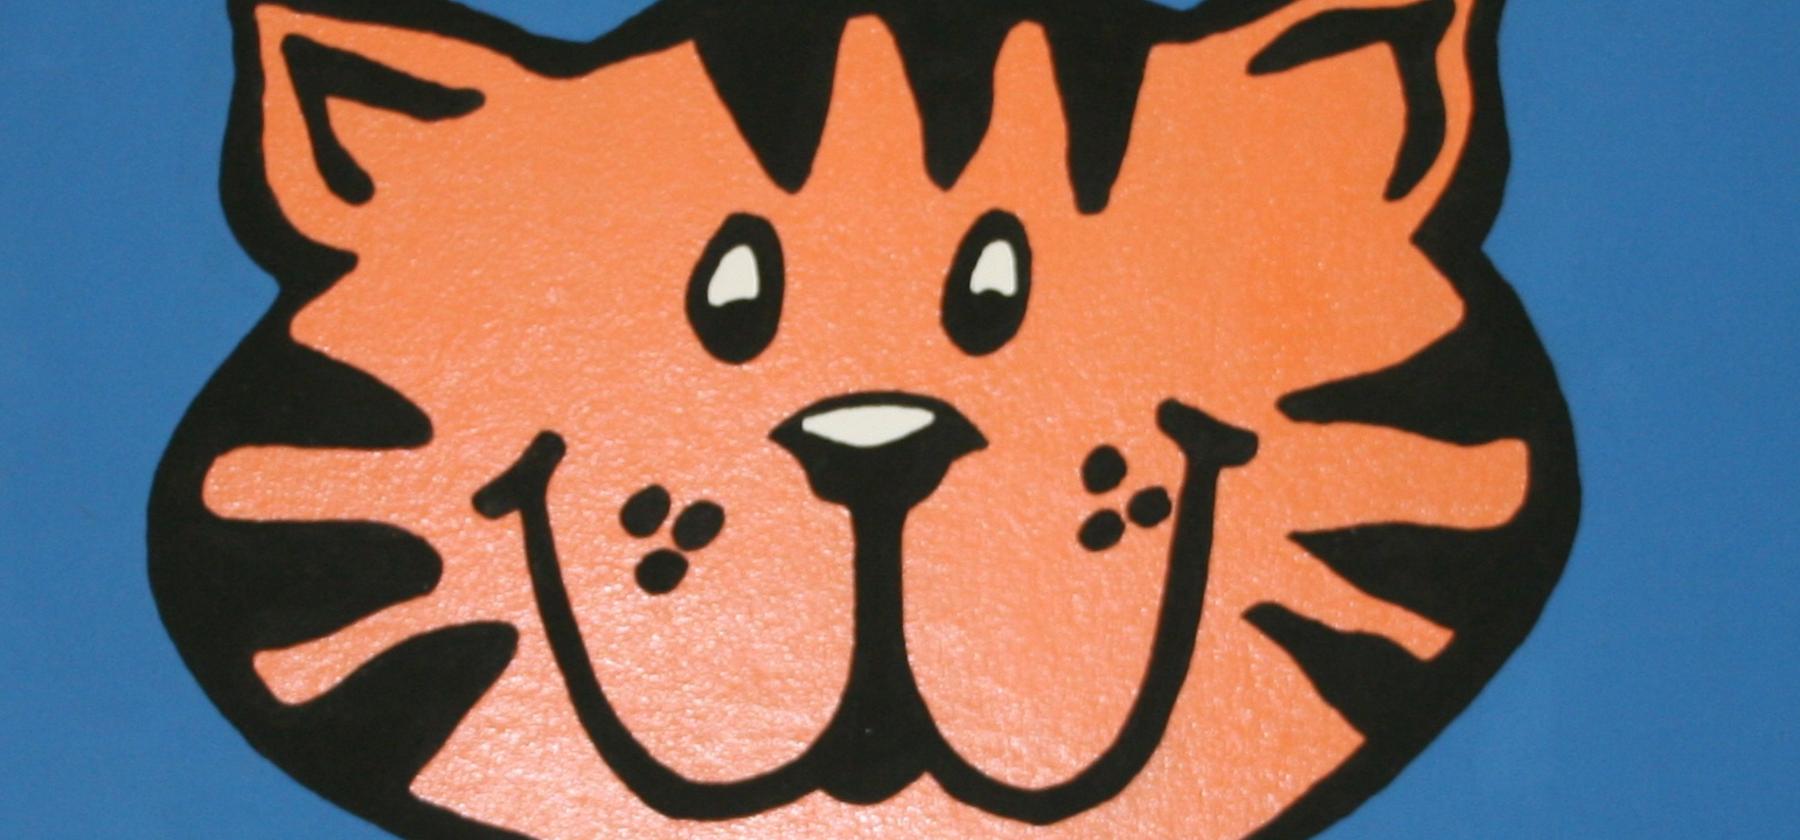 WES tiger logo